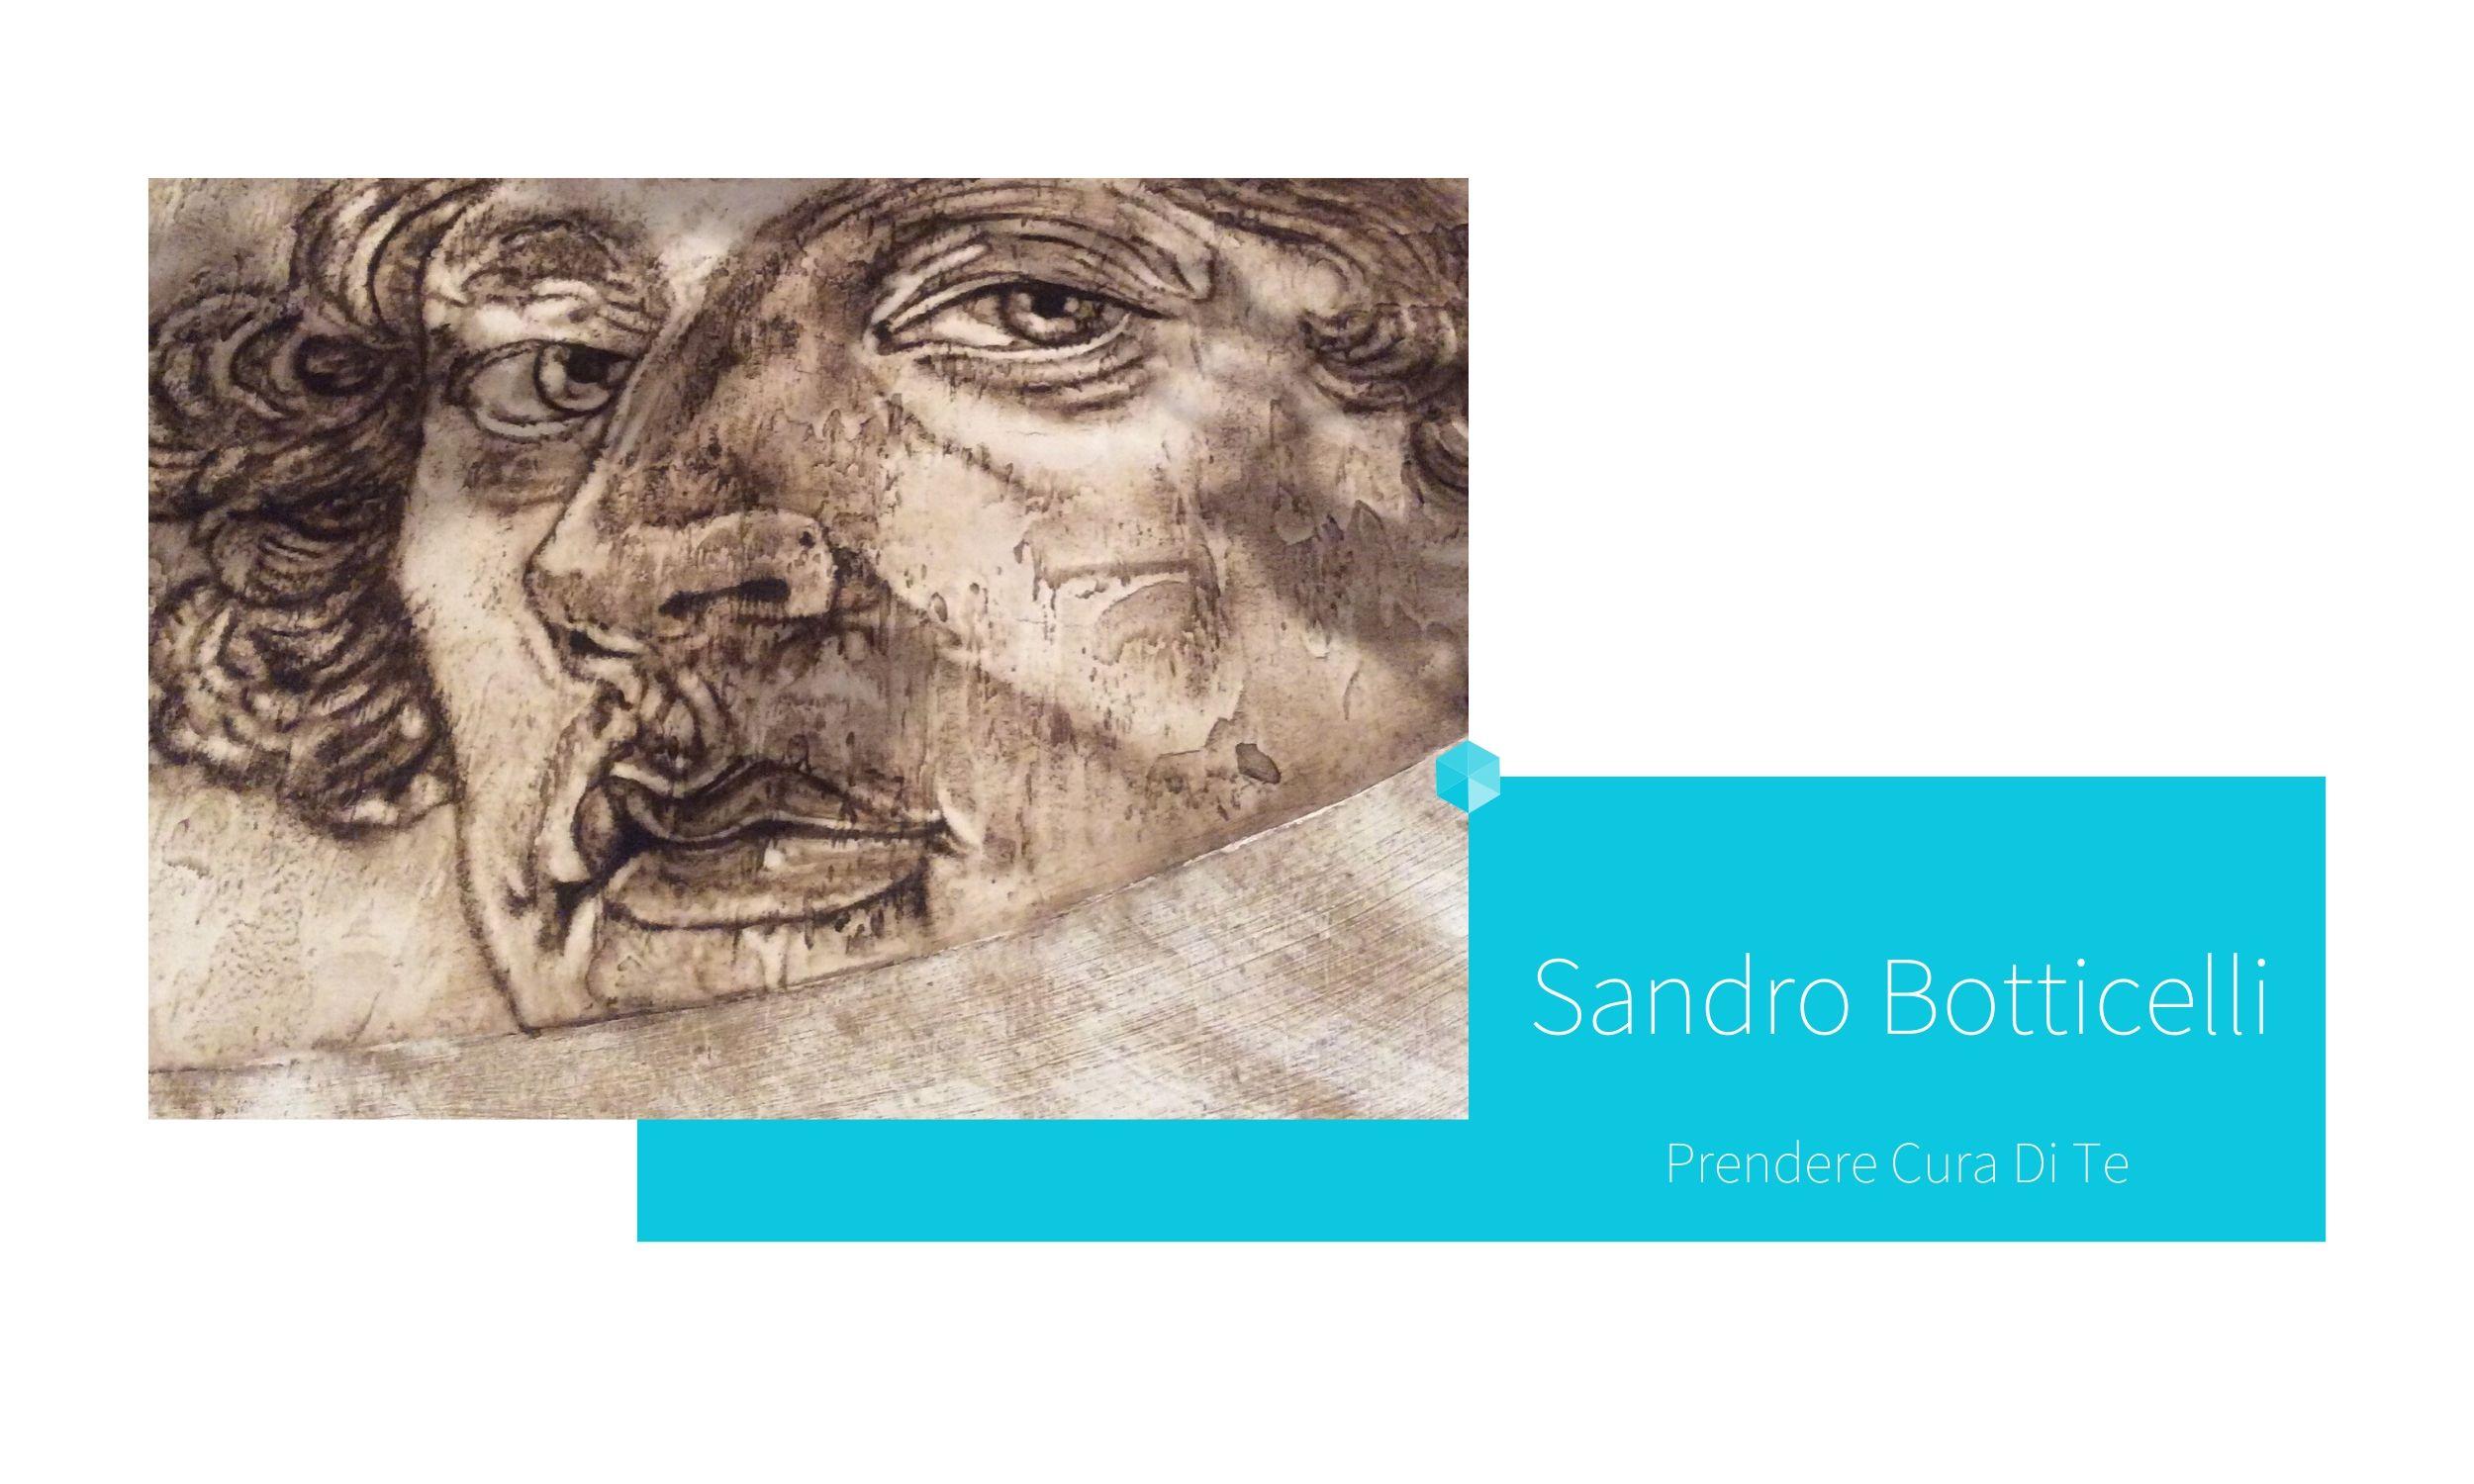 SANDRO BOTTICELLI | por C.J.Ruiz Colección Flor de Ziur | PRENDERE CURA DI TE